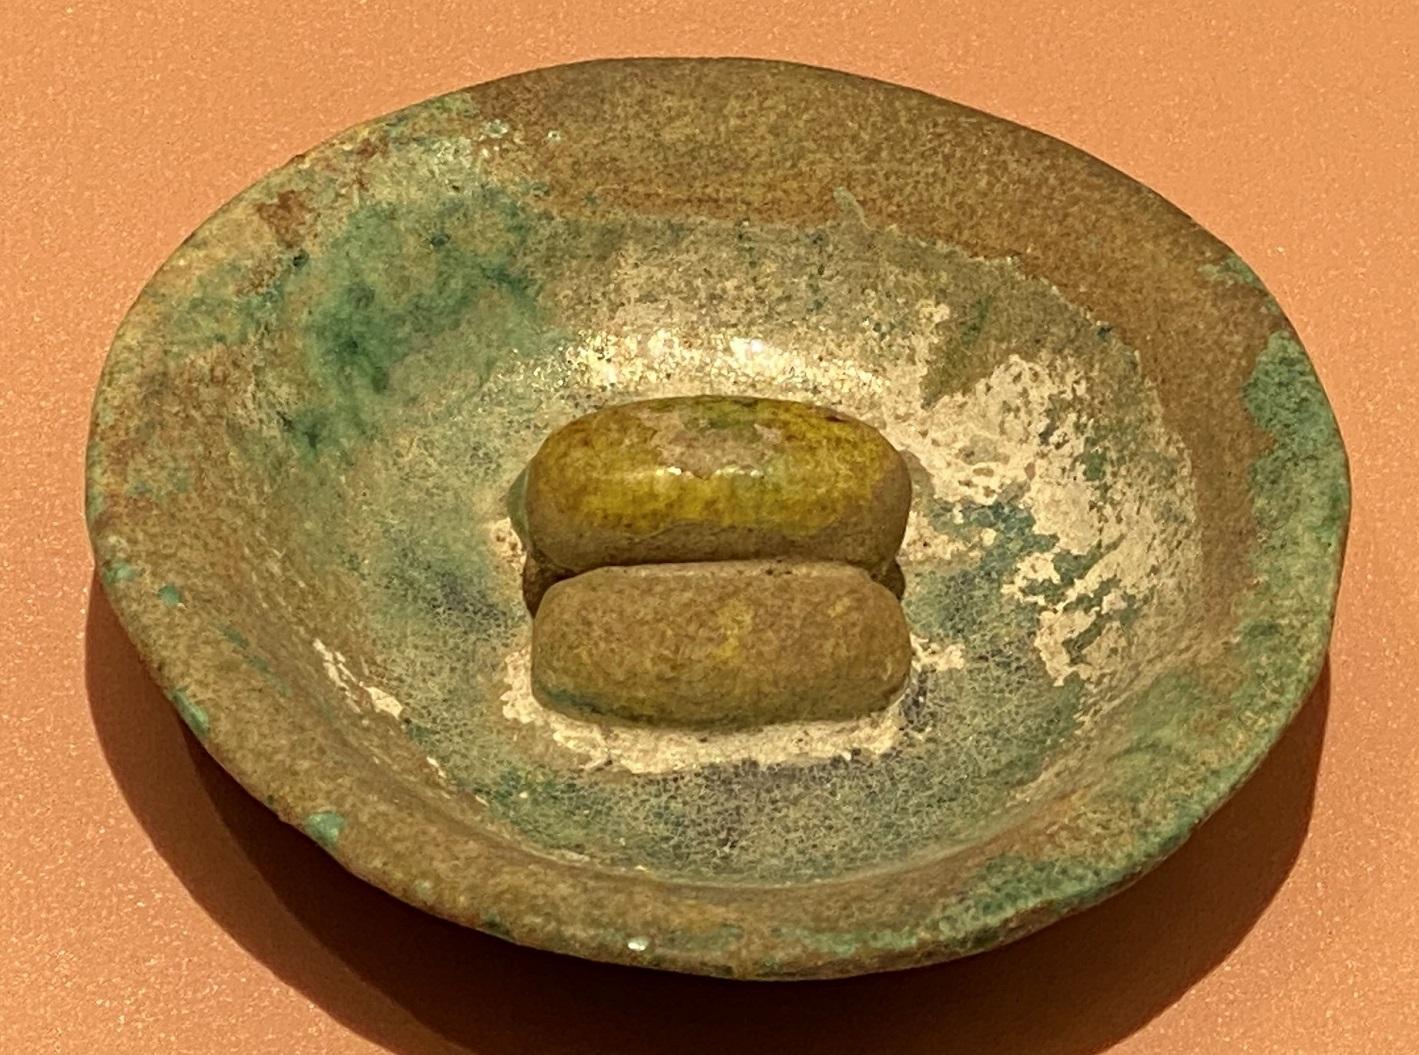 釉陶供食具-明時代-特別展【食味人間】四川博物院・中国国家博物館